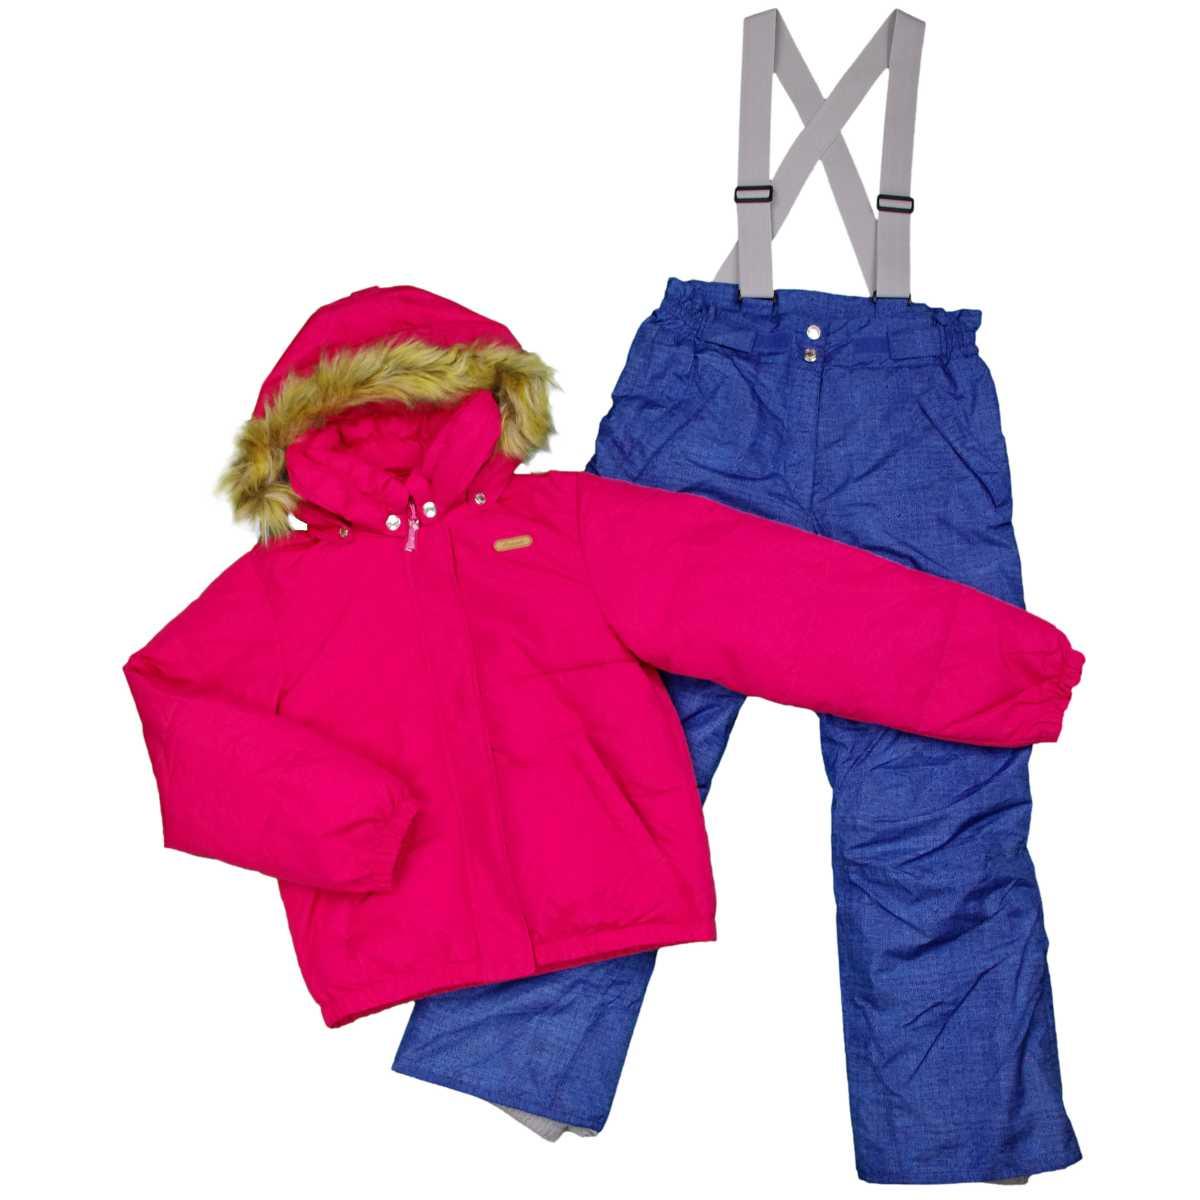 オンヨネ 上下セット パンツサイズ調整機能付 サンプル品 (ベリー/デニム 130cm 140cm 150cm 160cm) ガールズ ジュニア スキーウェア 全4色